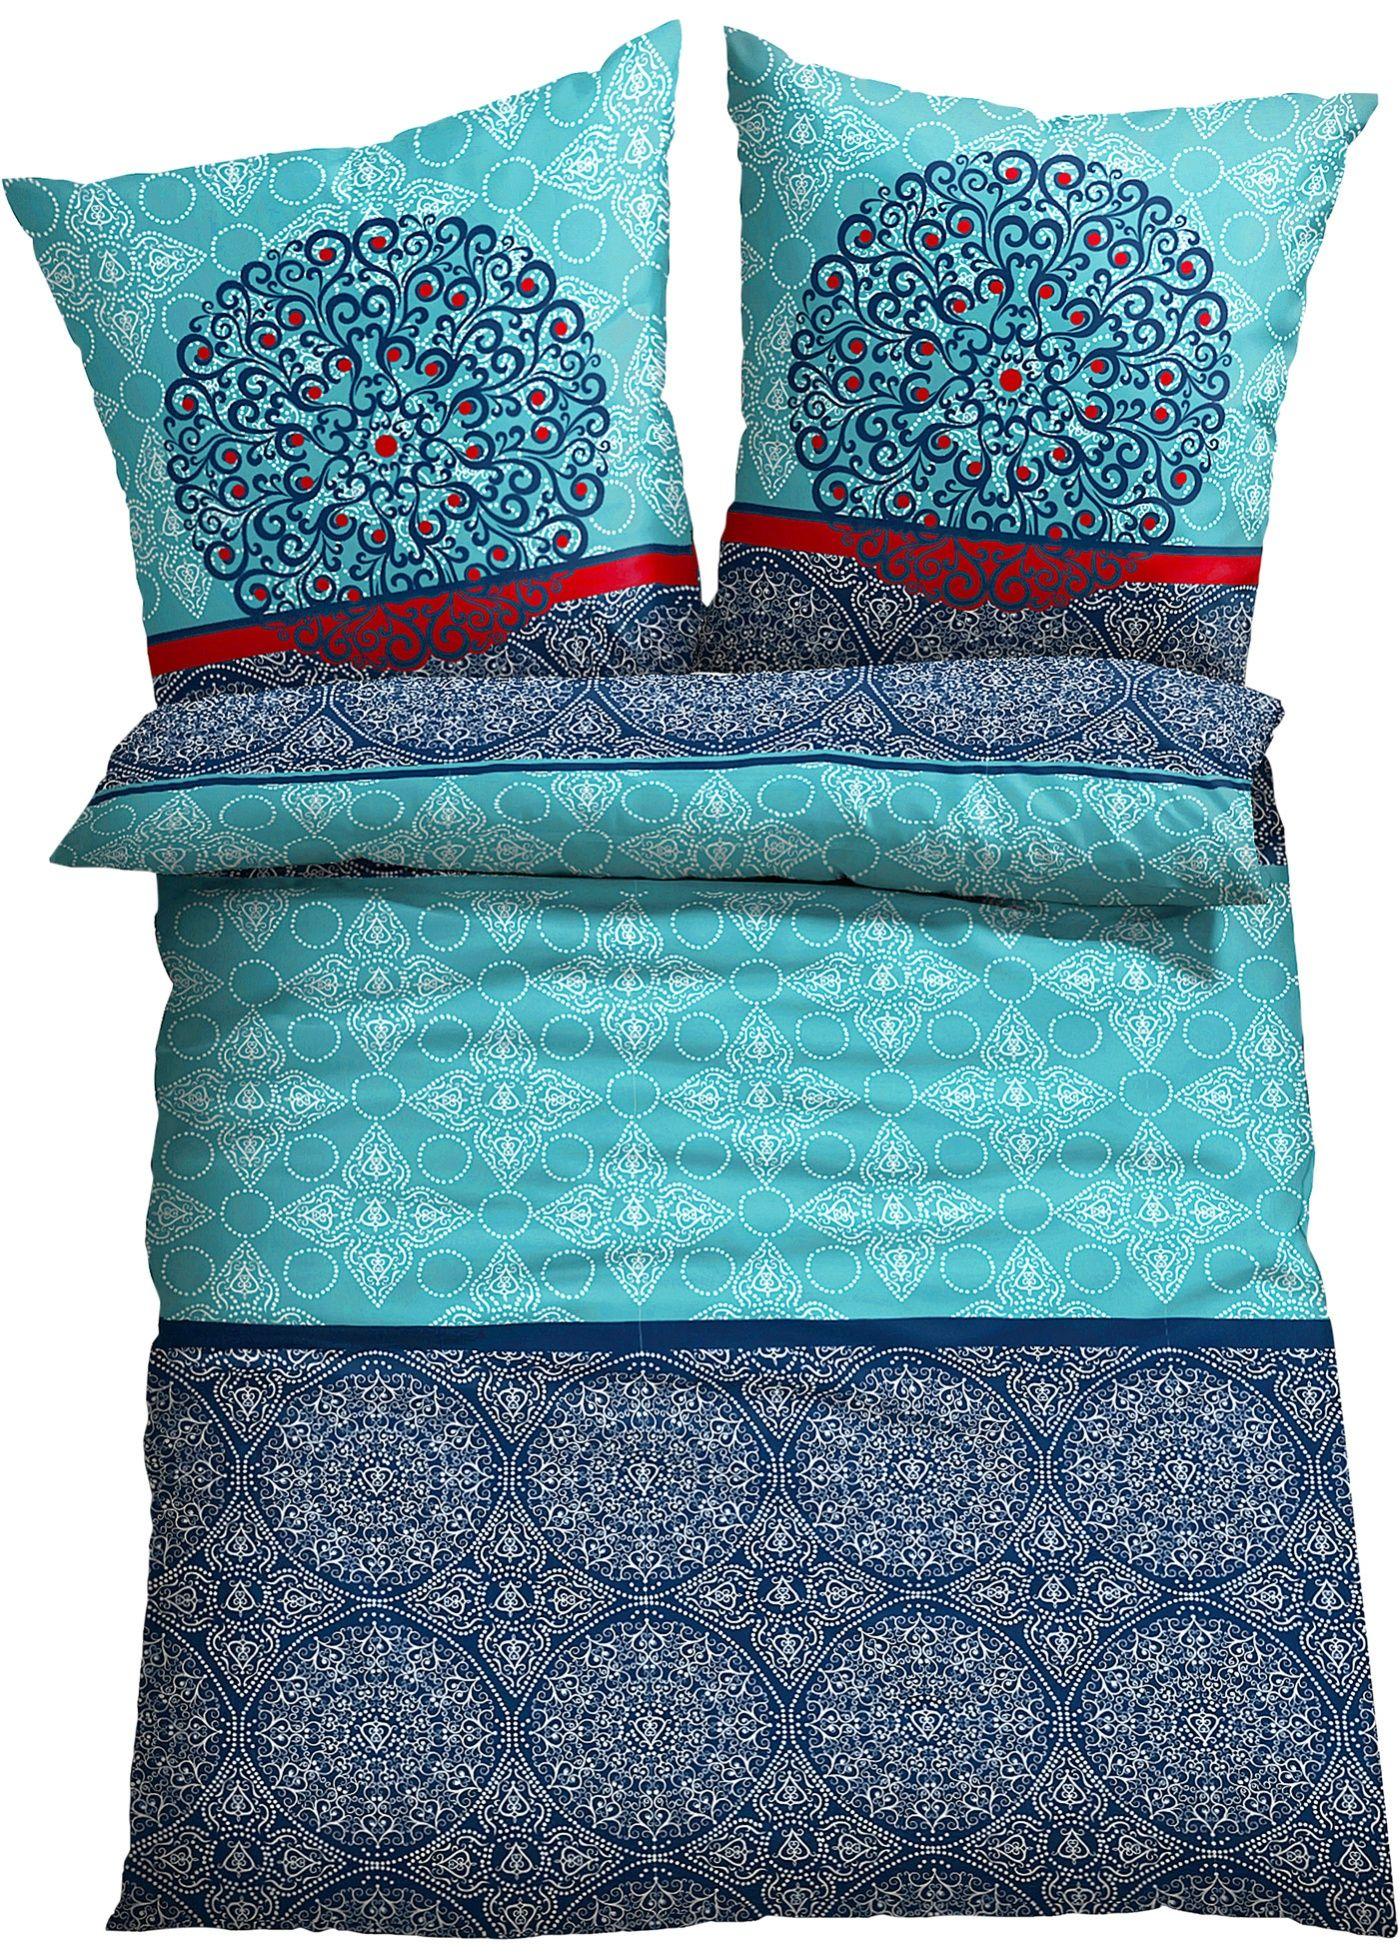 Bettwasche Ornament Biber Bettwasche Textilien Und Bettbezug